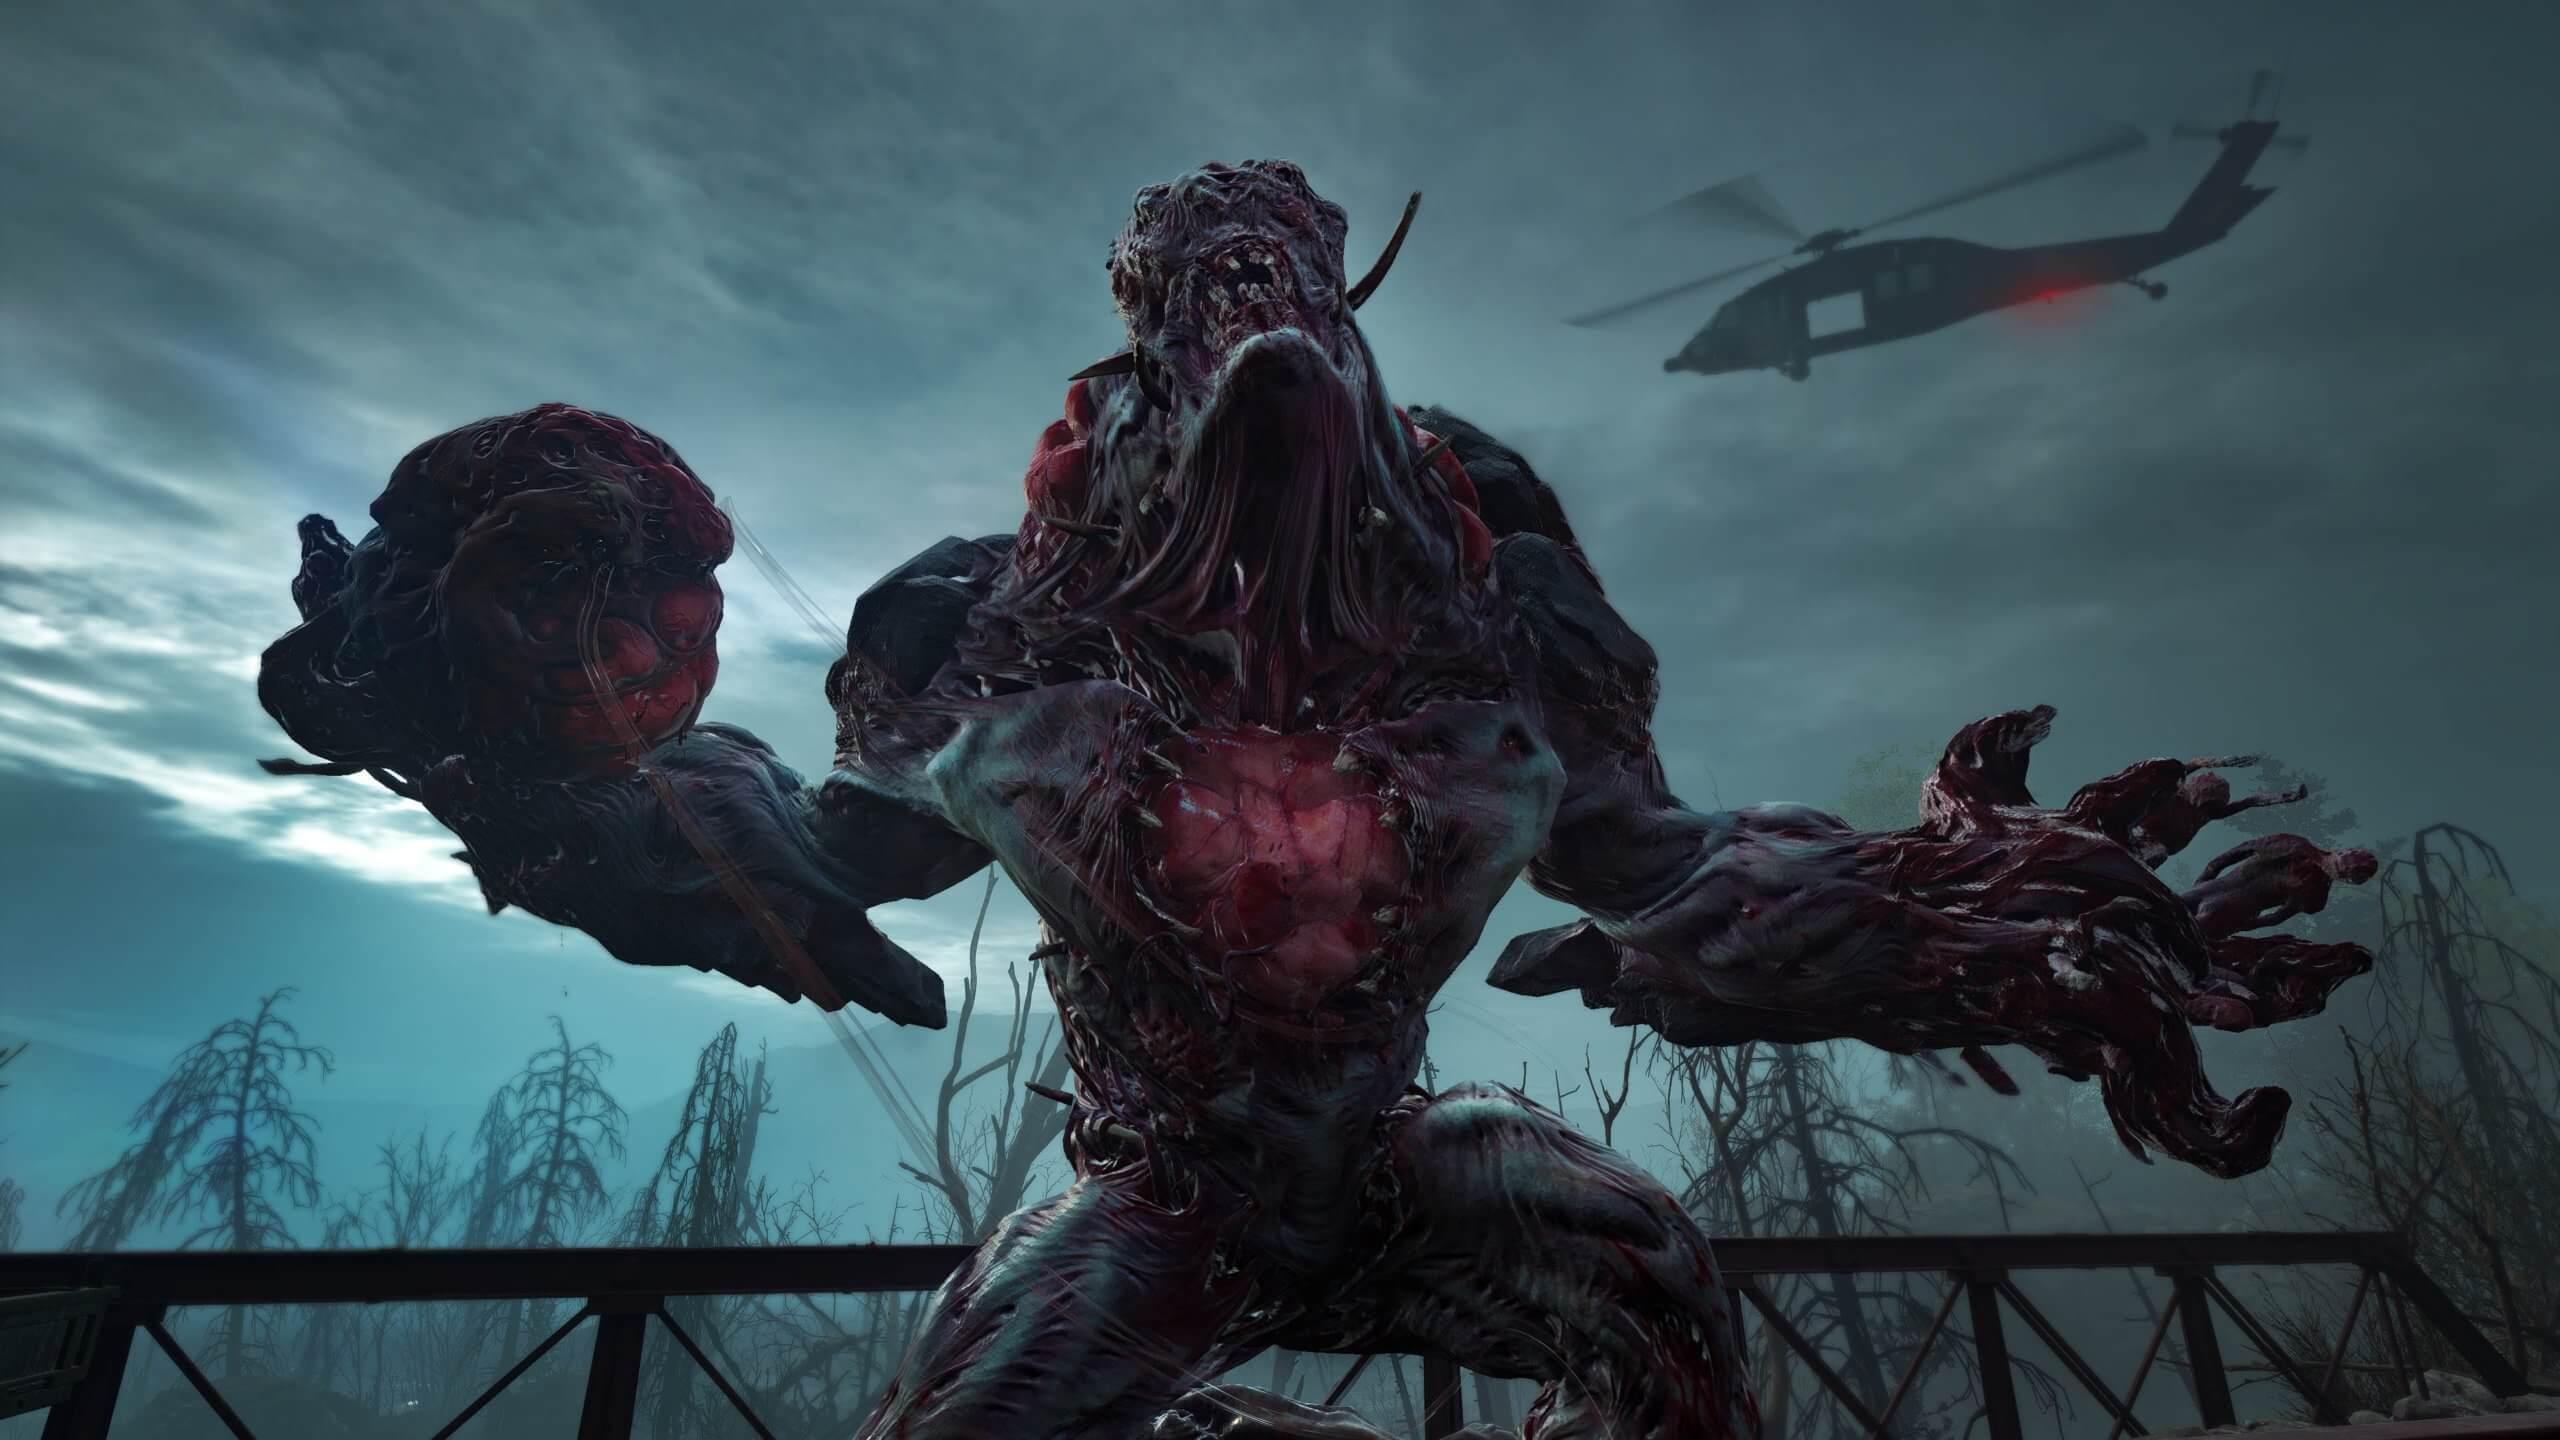 La beta de Back 4 Blood ha sido un éxito en Steam: Más de 98,000 jugadores simultáneos